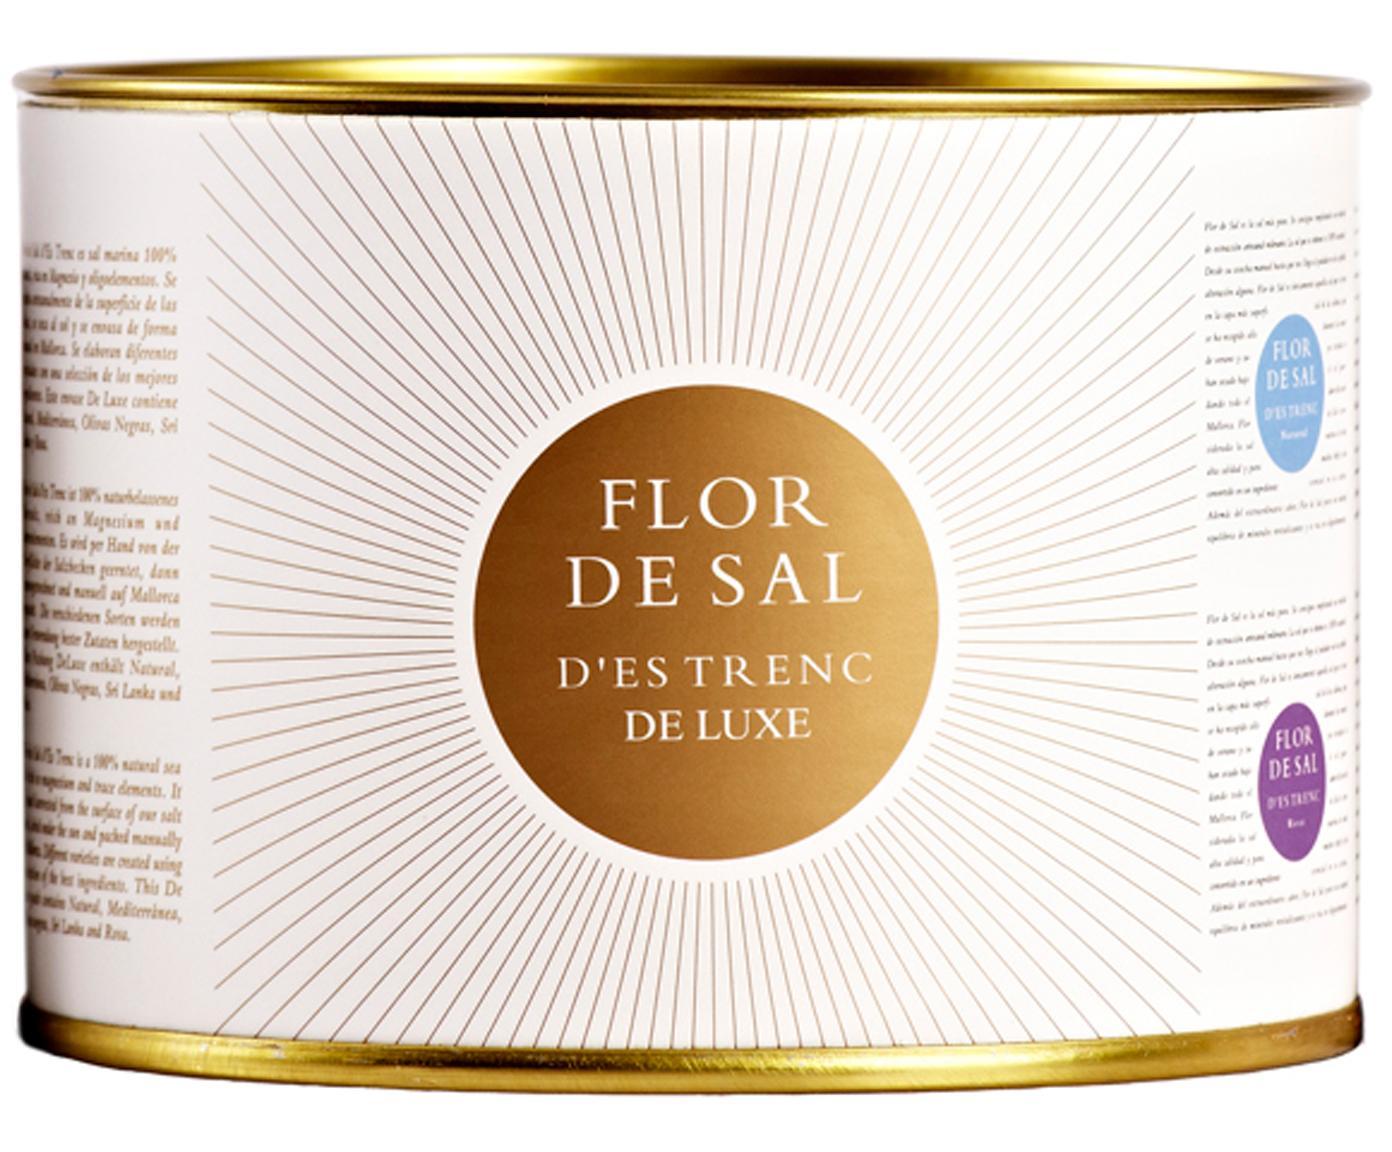 Gewürzsalz-Set Flor de Sal d´Es Trenc DeLuxe, 5-tlg., Dose: Pappmembran, Creme, Goldfarben, 250 g